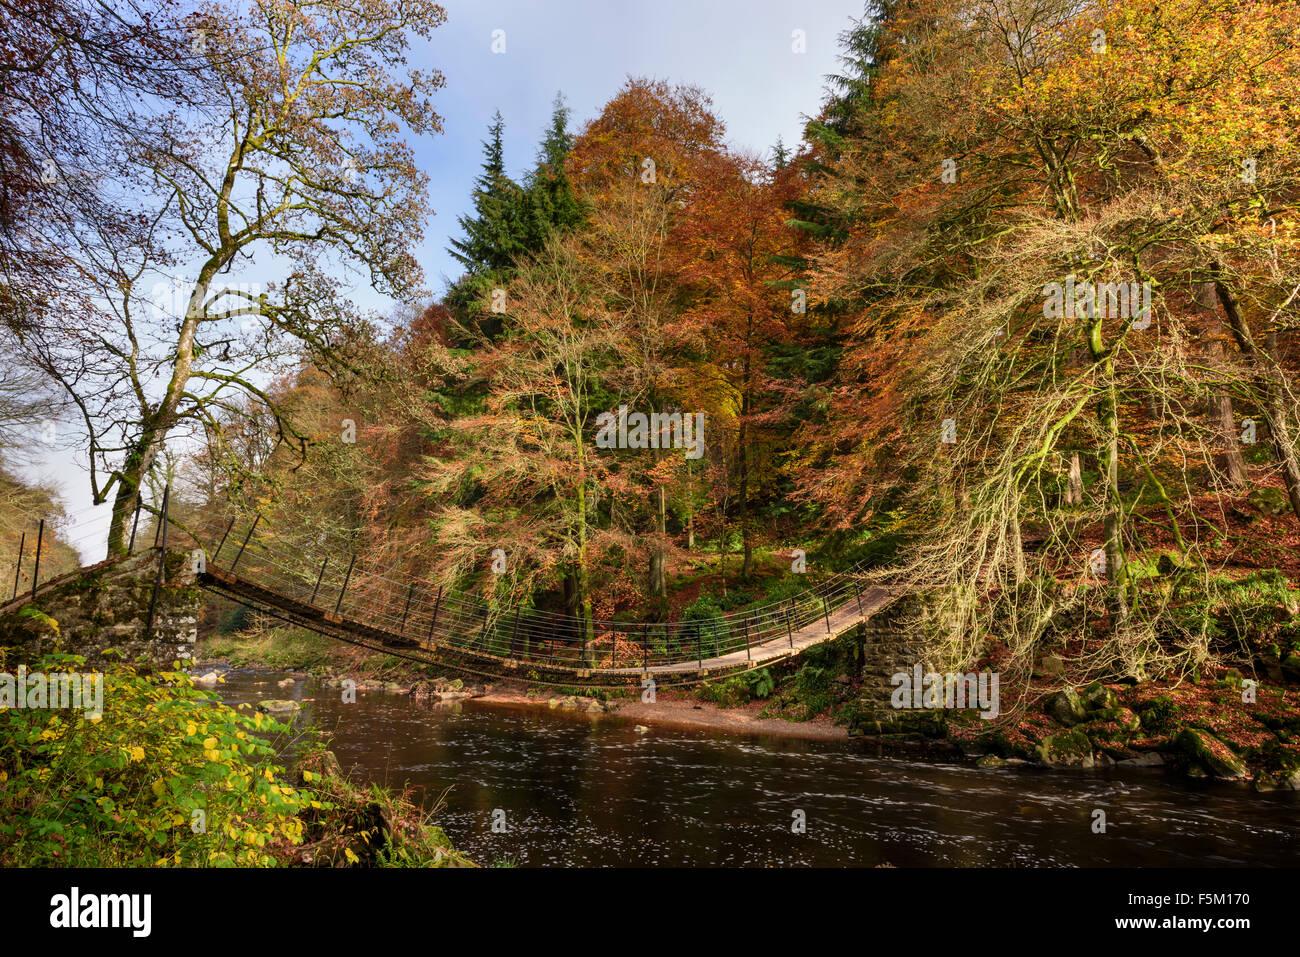 Allen Banks, Northumberland - Stock Image